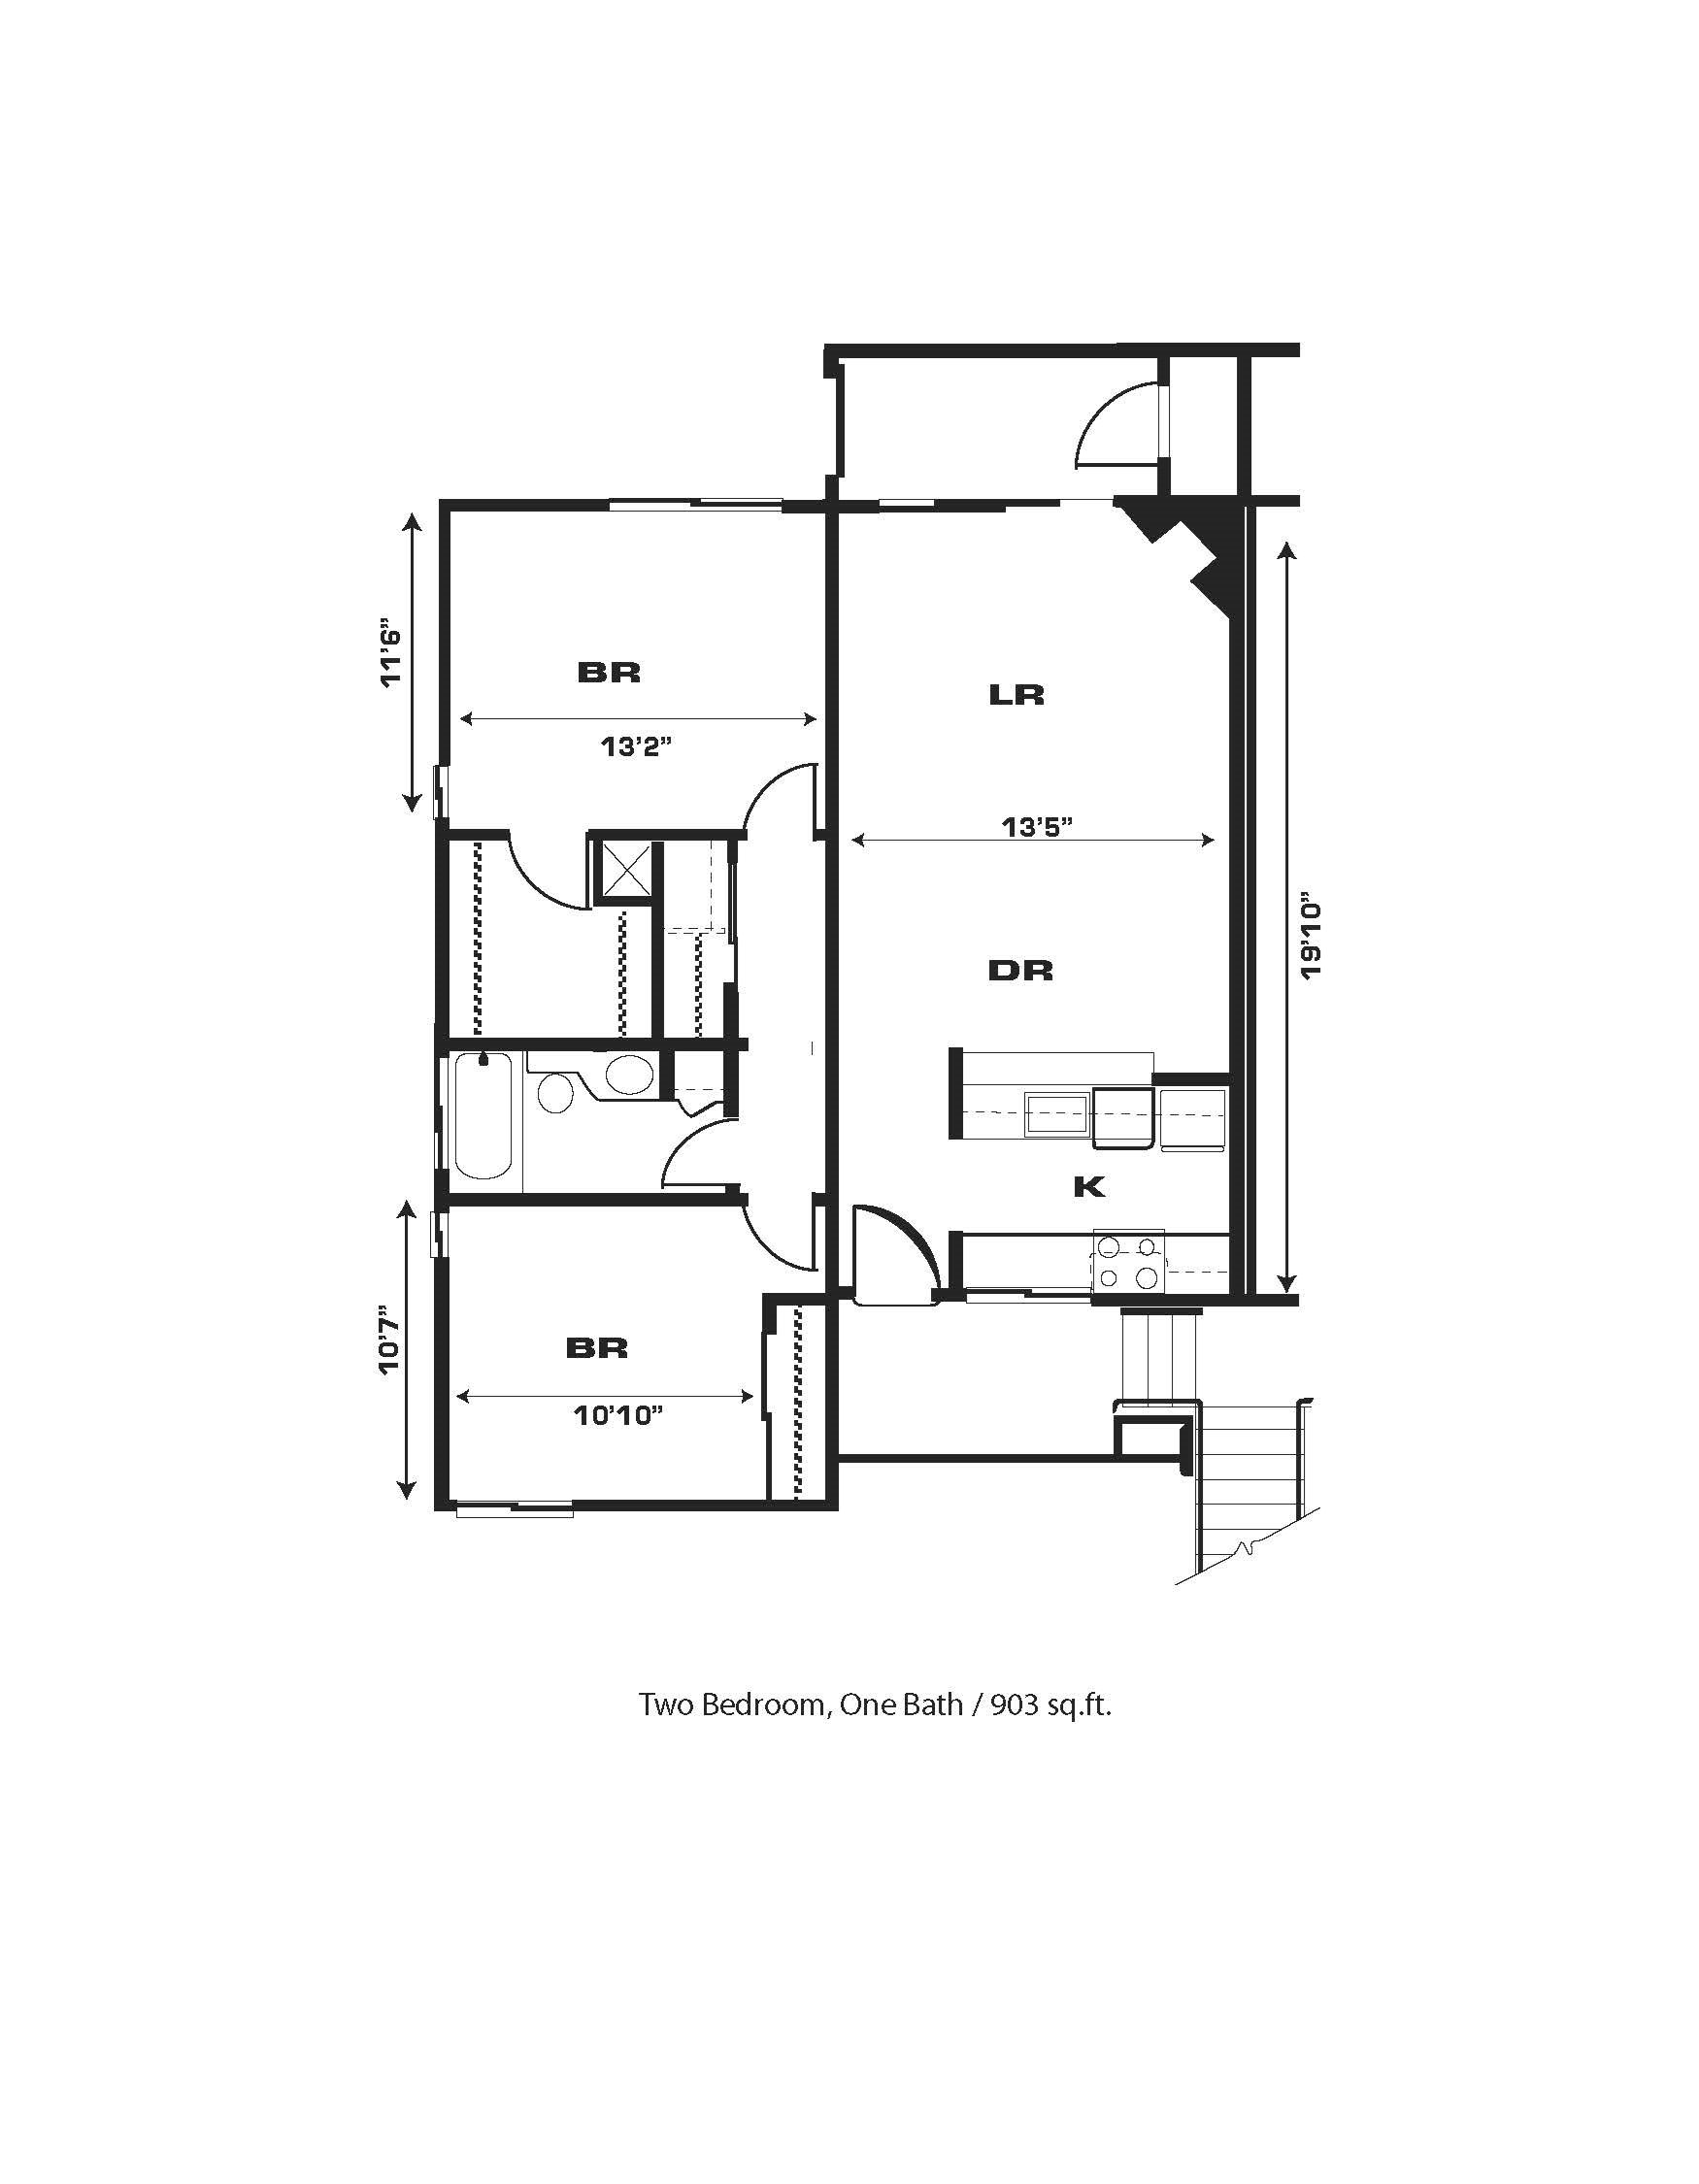 2br/1ba, Fireplace, End Unit W/D Hkup Floor Plan 9